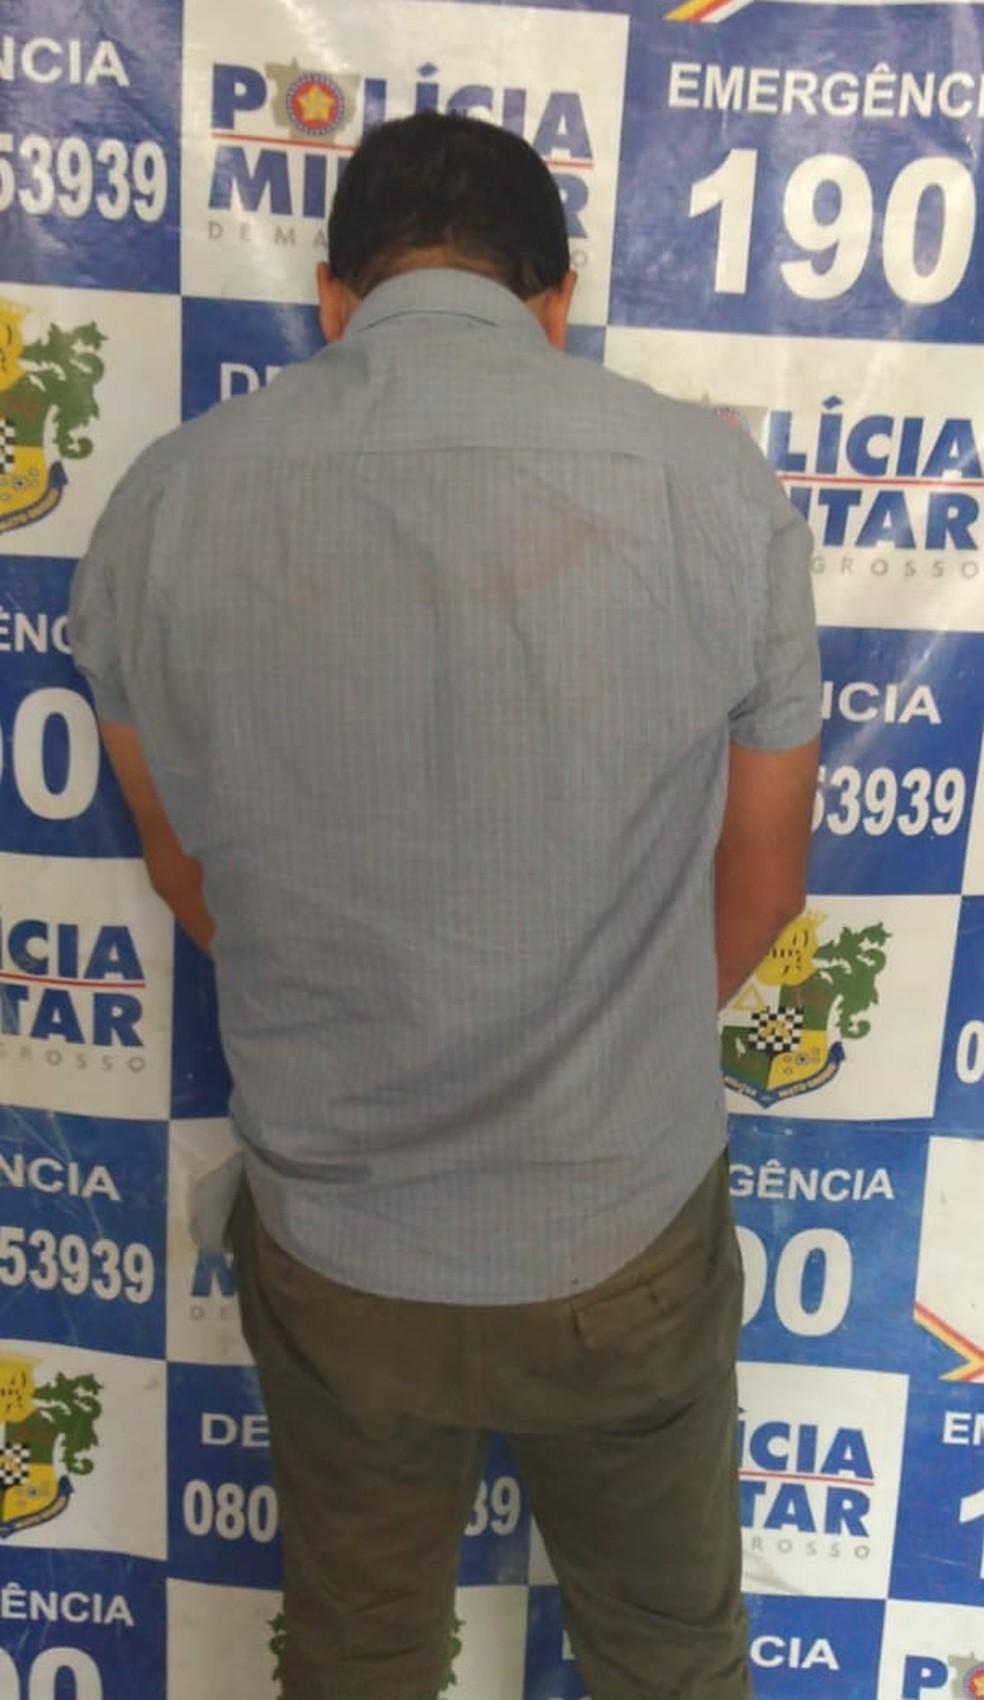 Cleiton Gomes Da Silva, de 45 anos, esfaqueou a diretora Rosileide Vaz da Silva — Foto: Polícia Militar/Divulgação